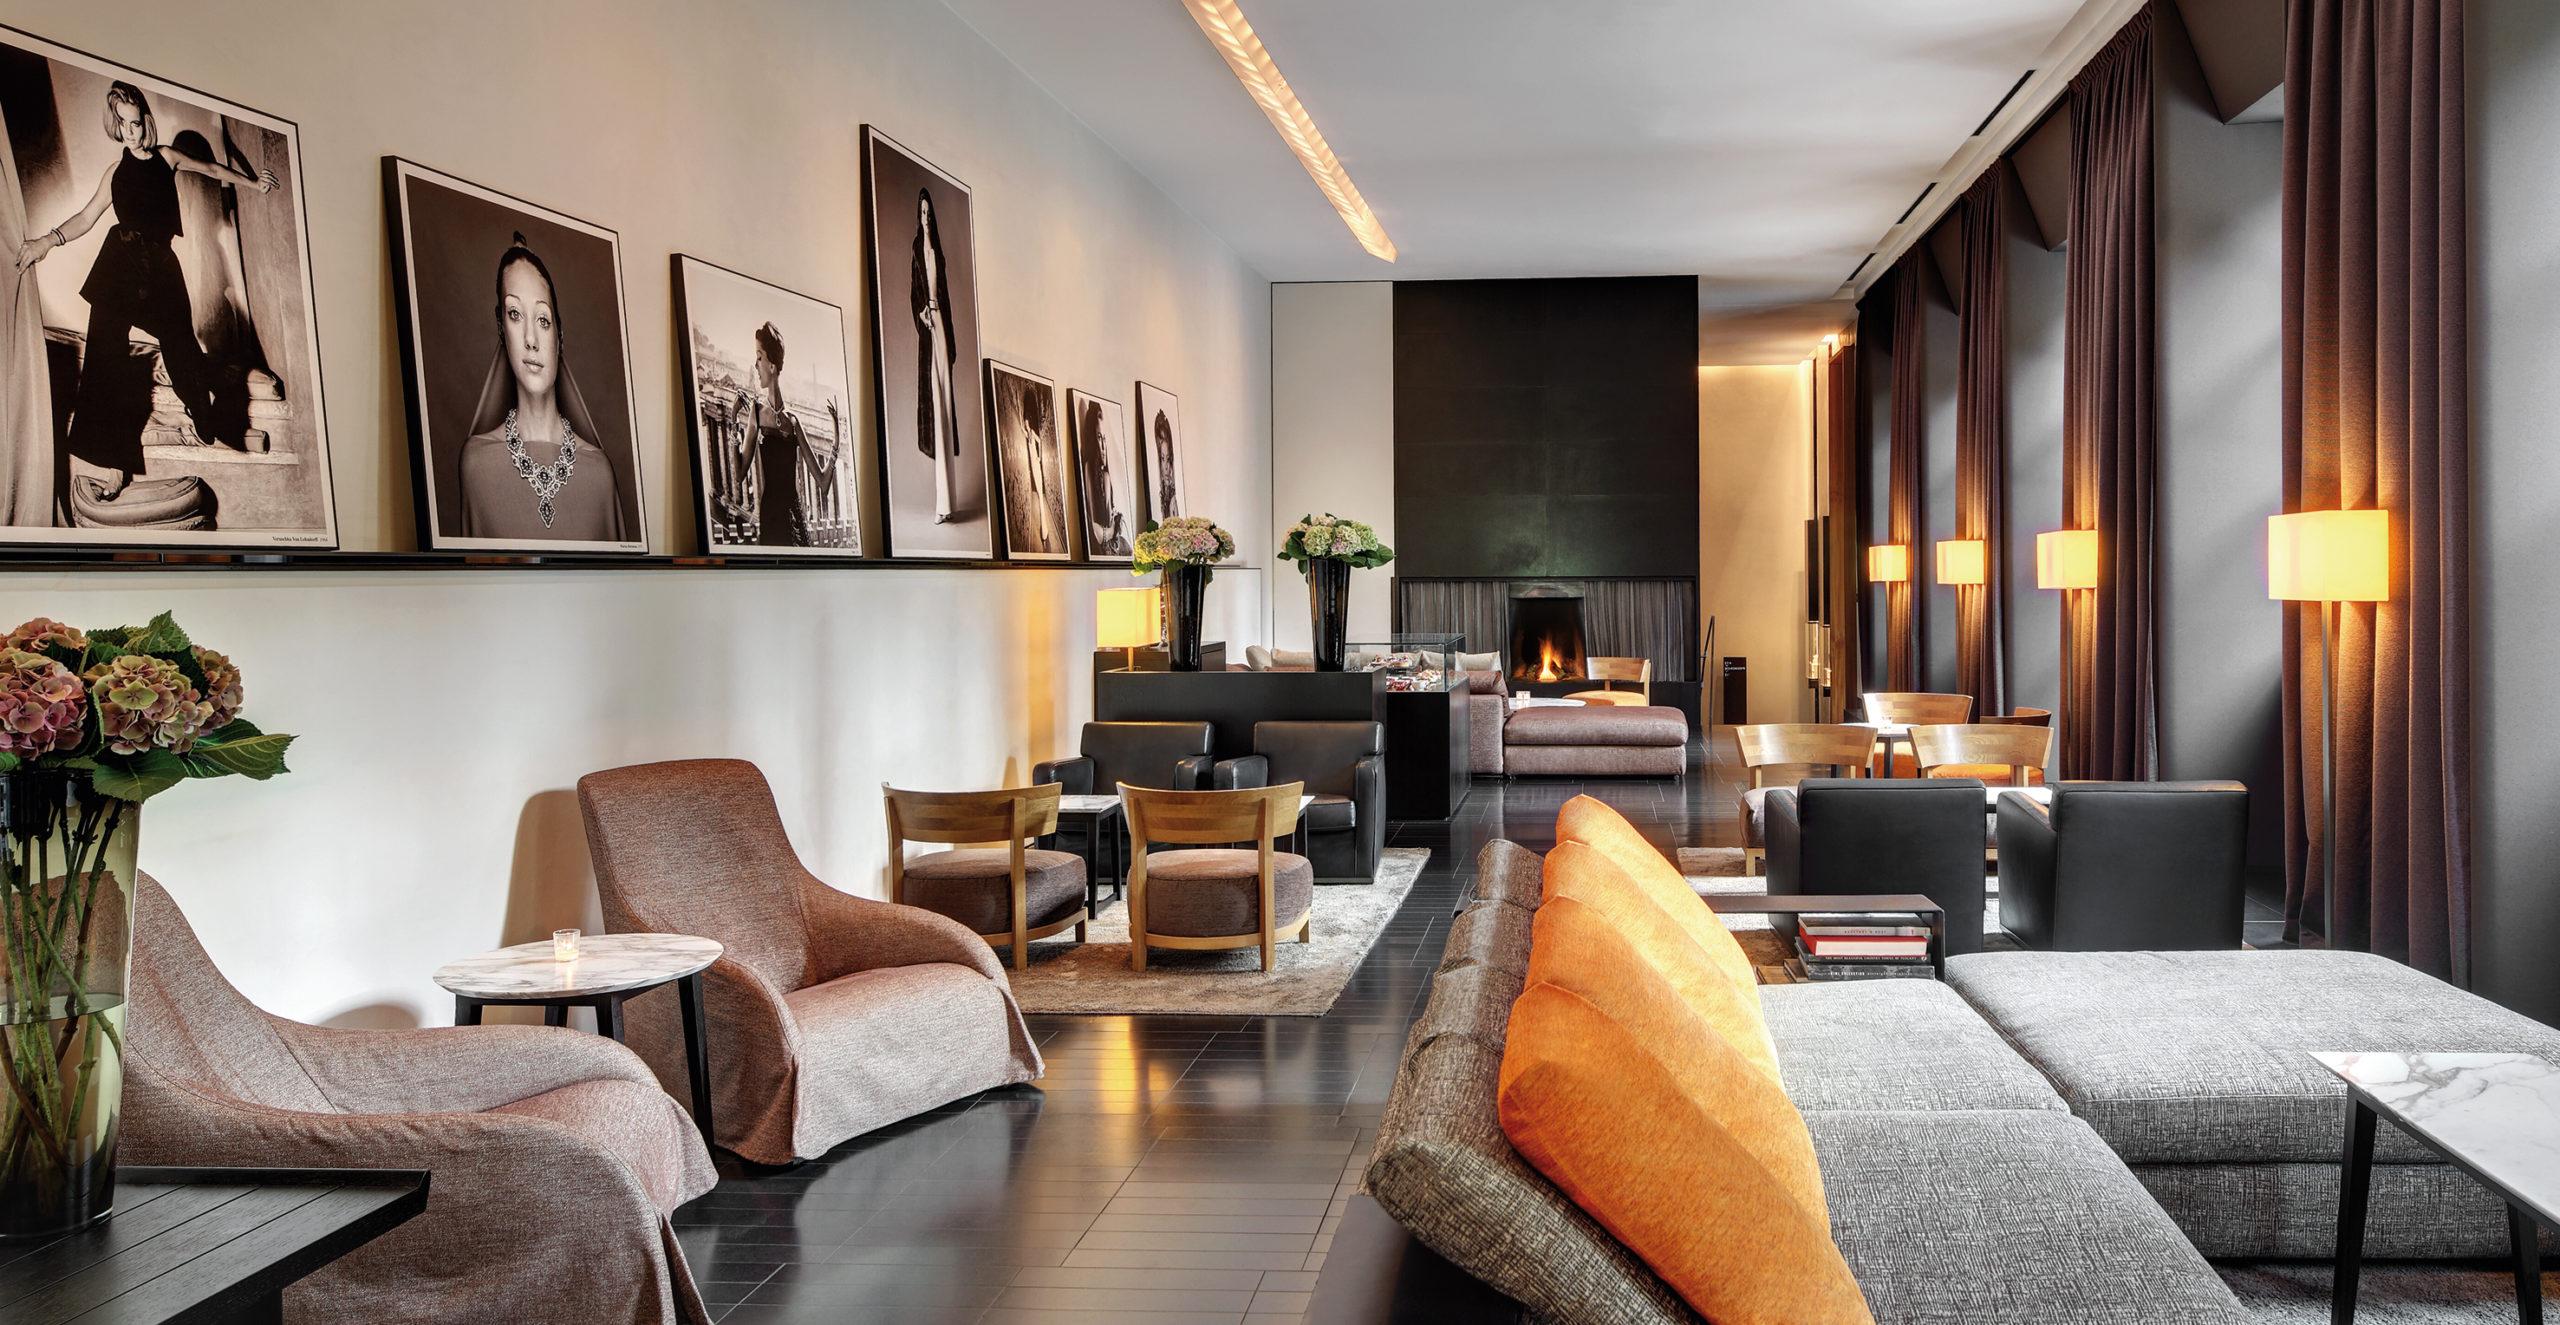 Bvlgari Hotel Milano: Un homenaje de la insignia italiana al mundo del lujo